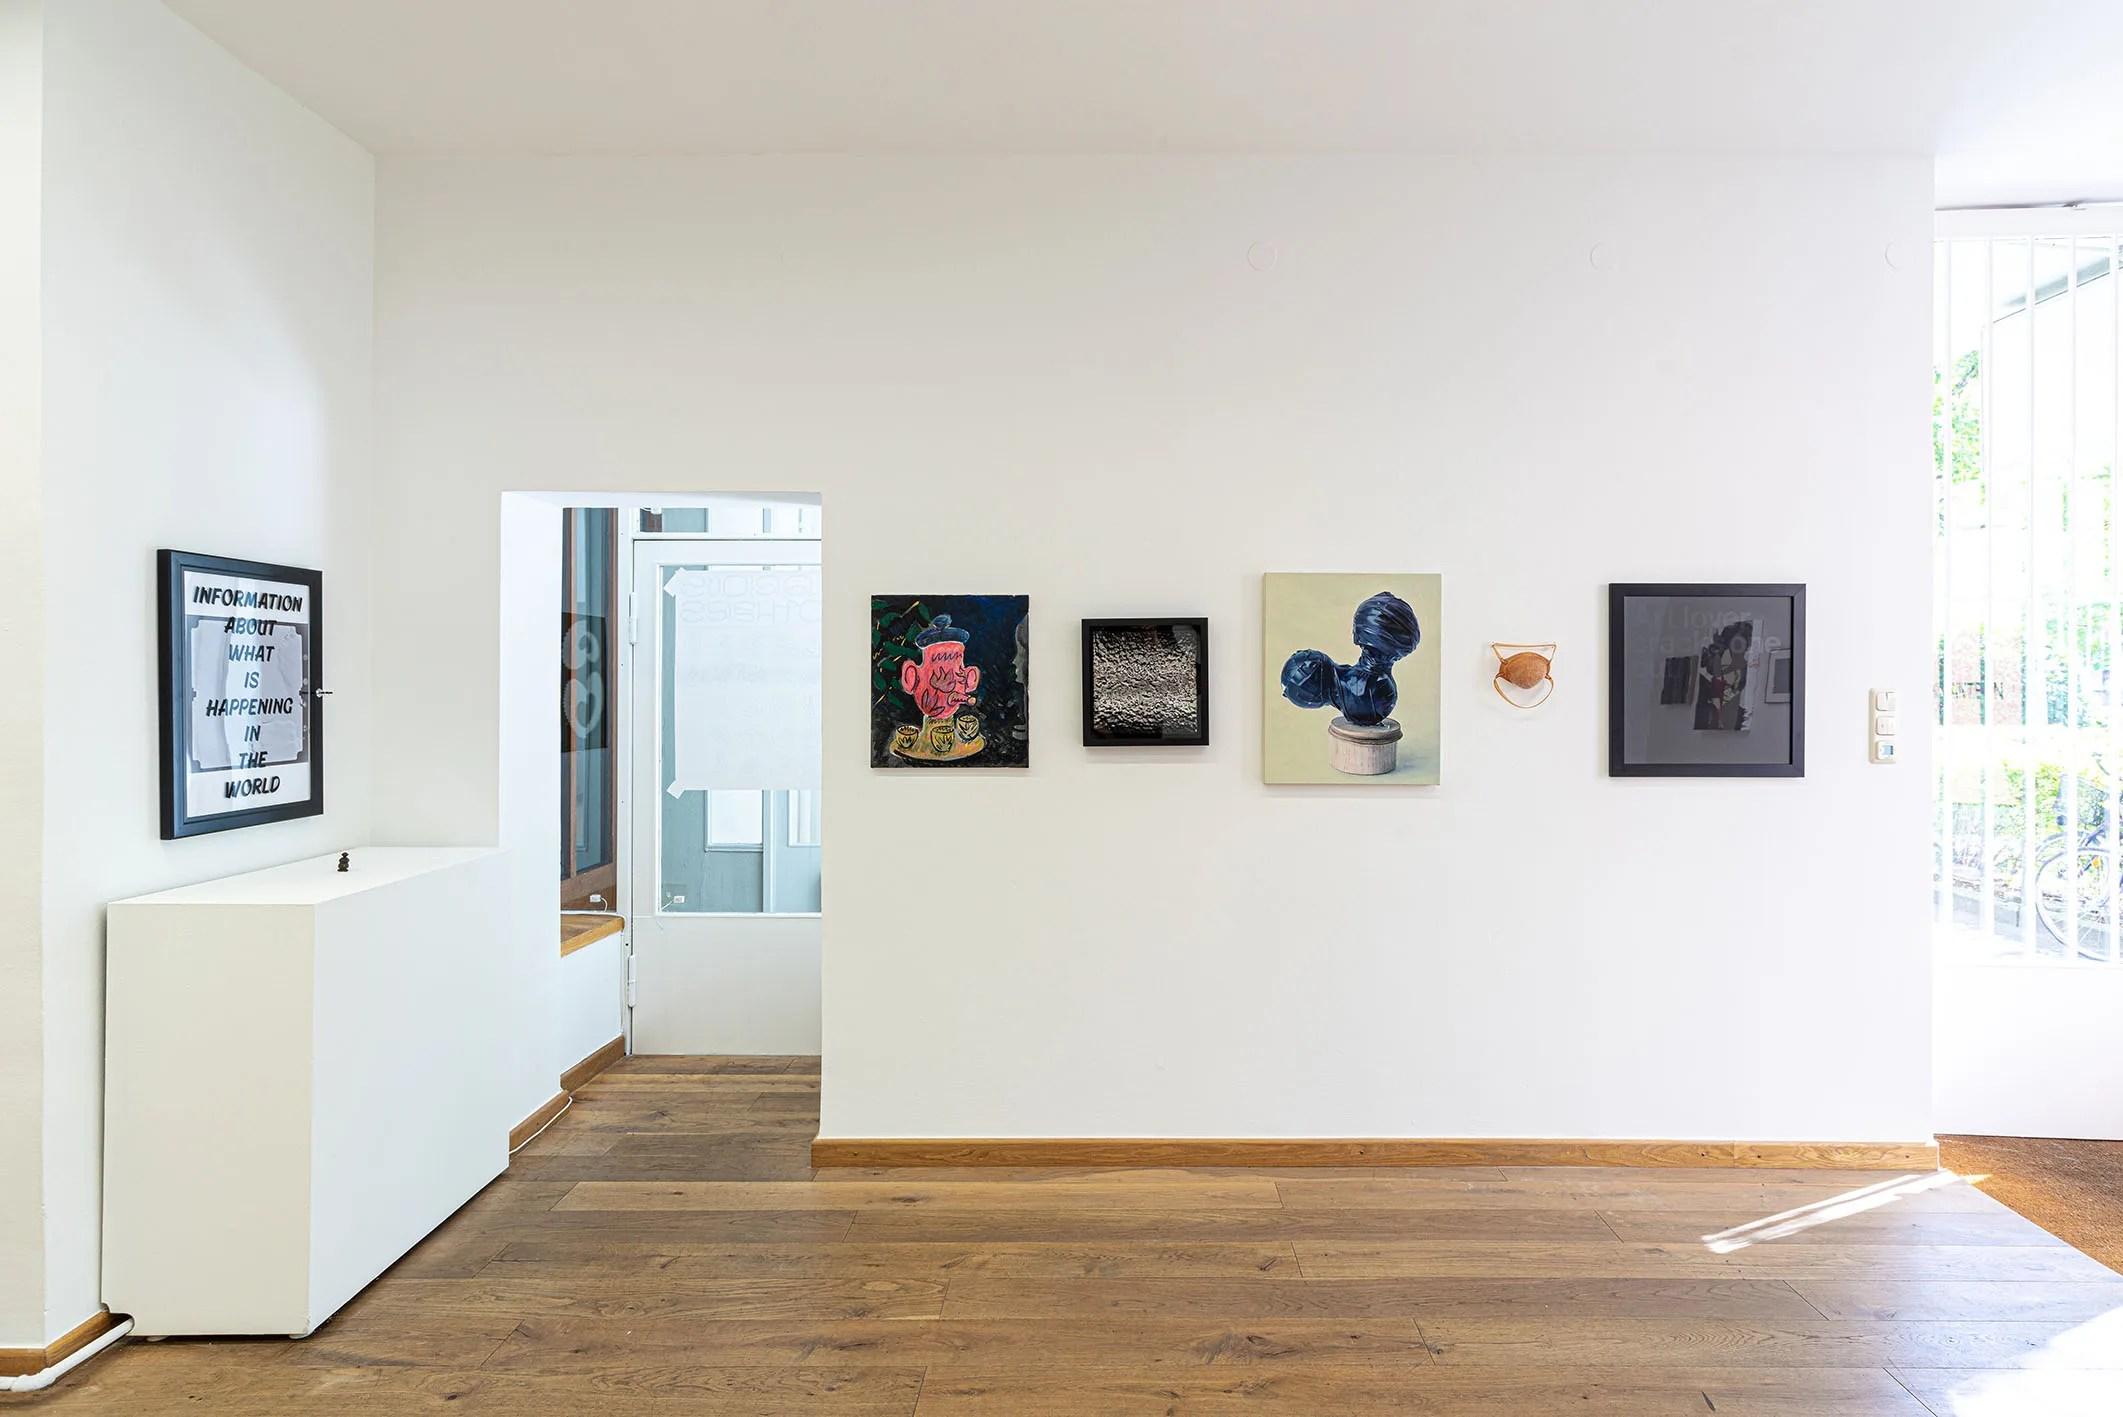 DARK LANTERN installation view, 2019